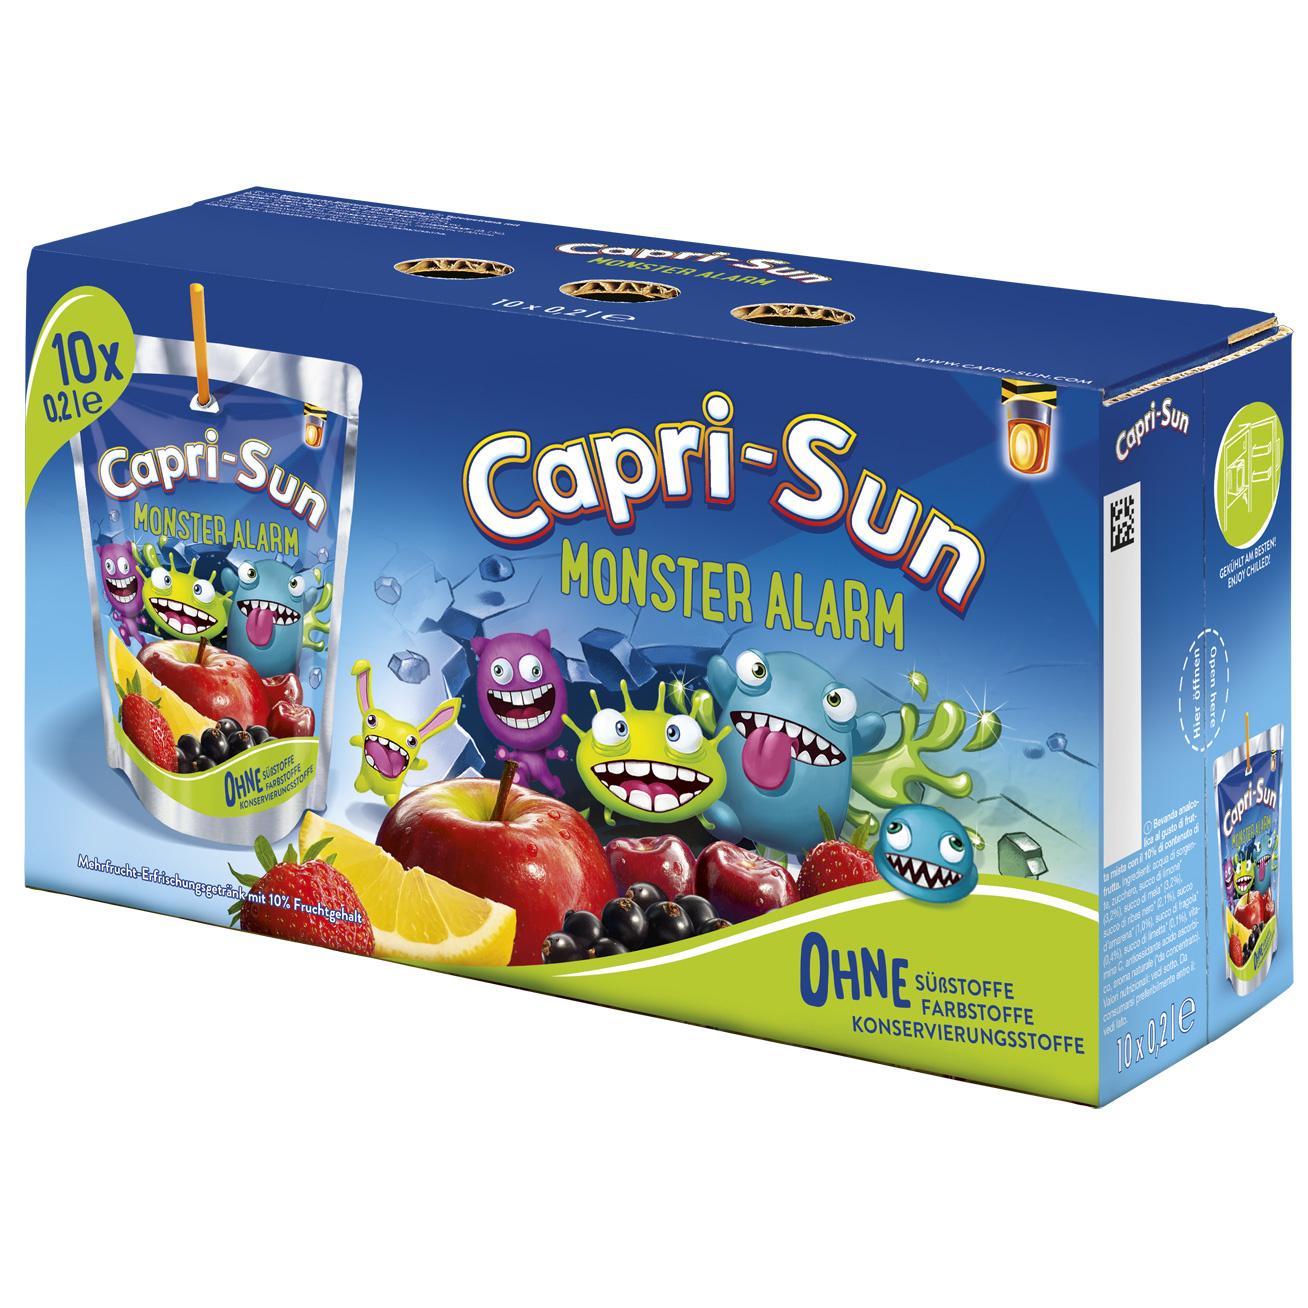 Capri-Son Capri-Sun - Monster Alarm 200ml 10-Pack